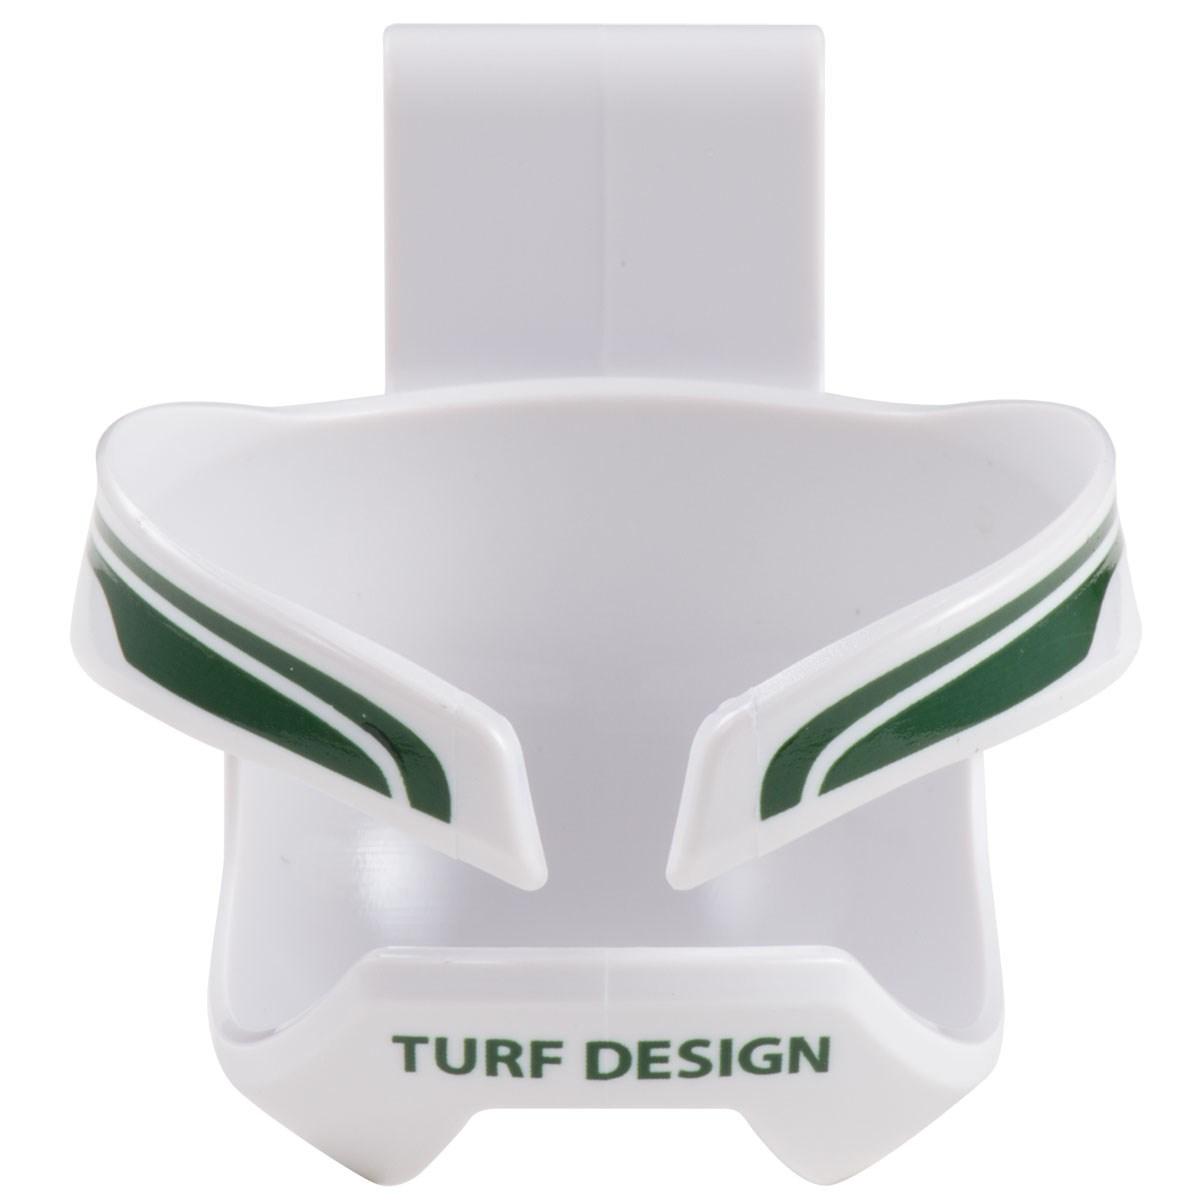 ターフデザイン TURF DESIGN ボールクロー ホワイト/グリーン